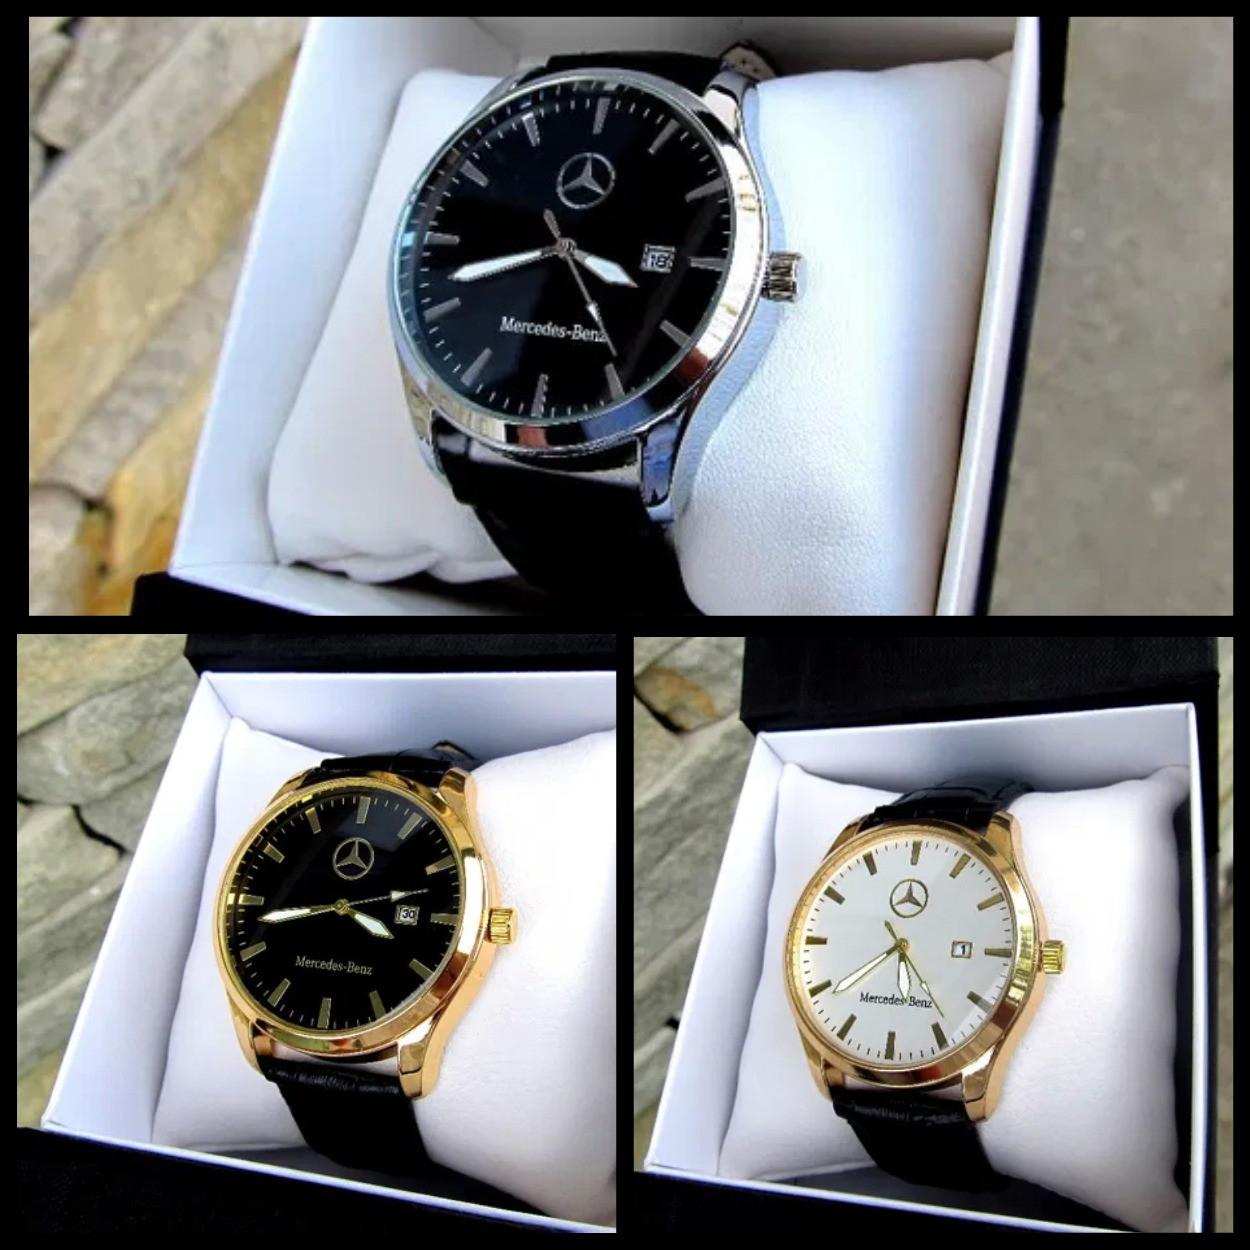 Супермодные мужские кварцевые часы  Mercedes-Benz  Реплика Качество!